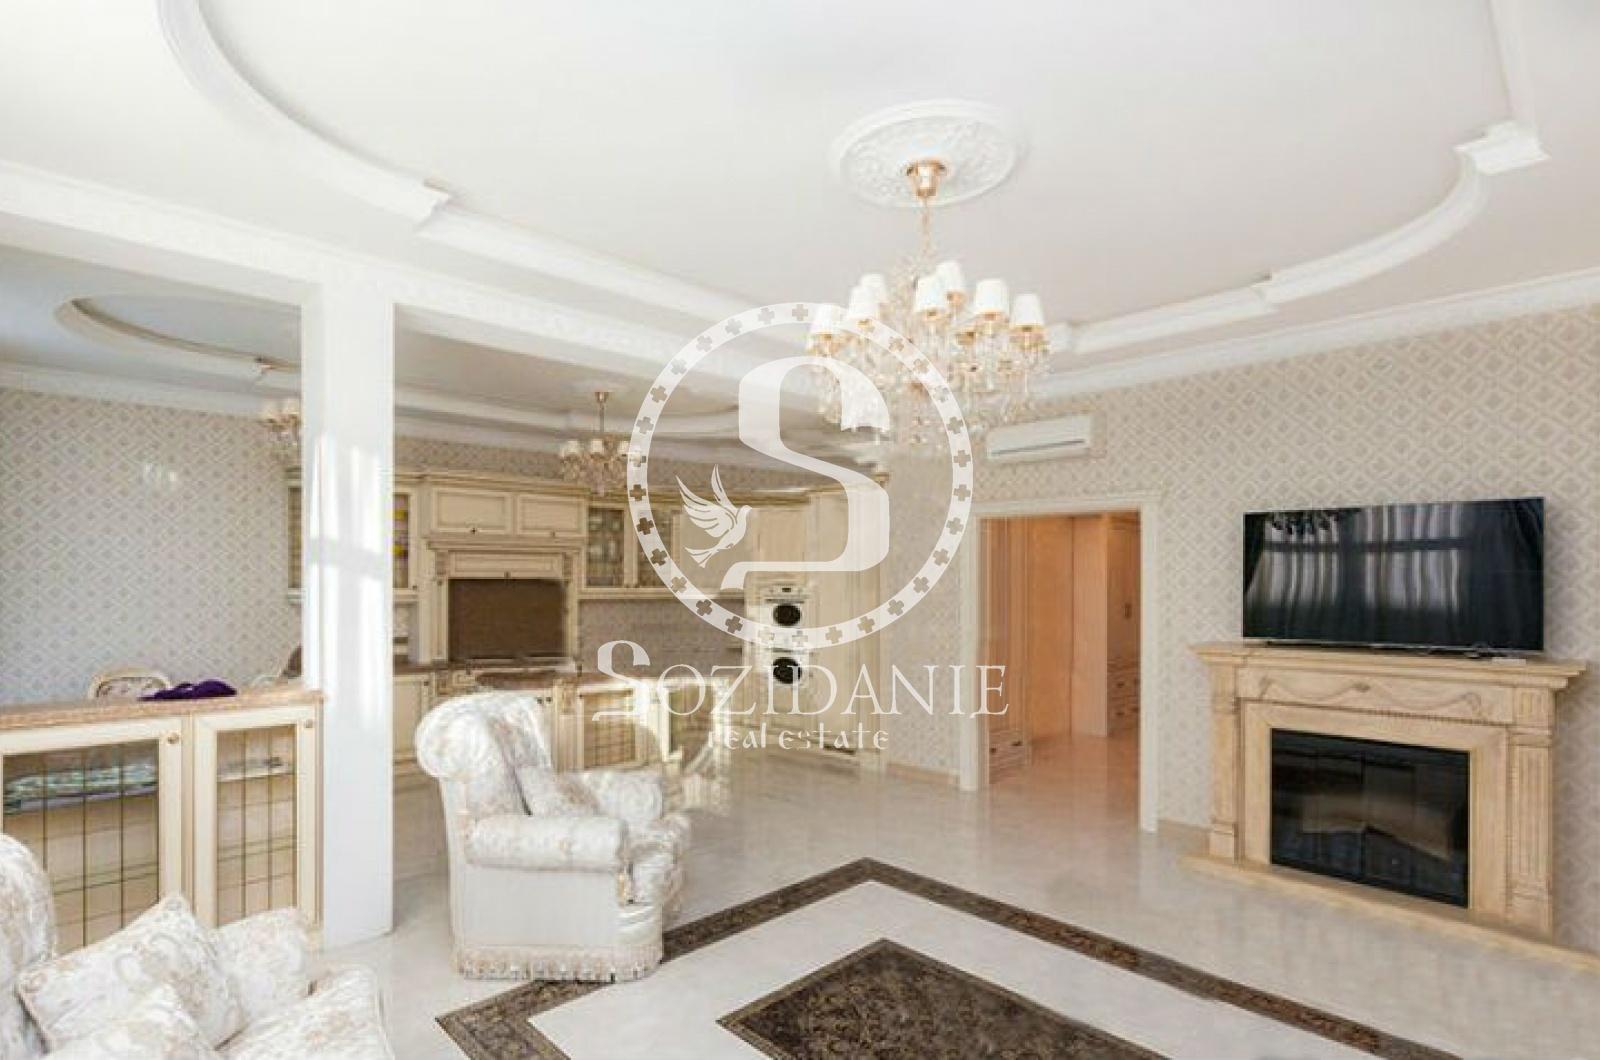 3 Bedrooms, Загородная, Продажа, Listing ID 3365, Московская область, Россия,